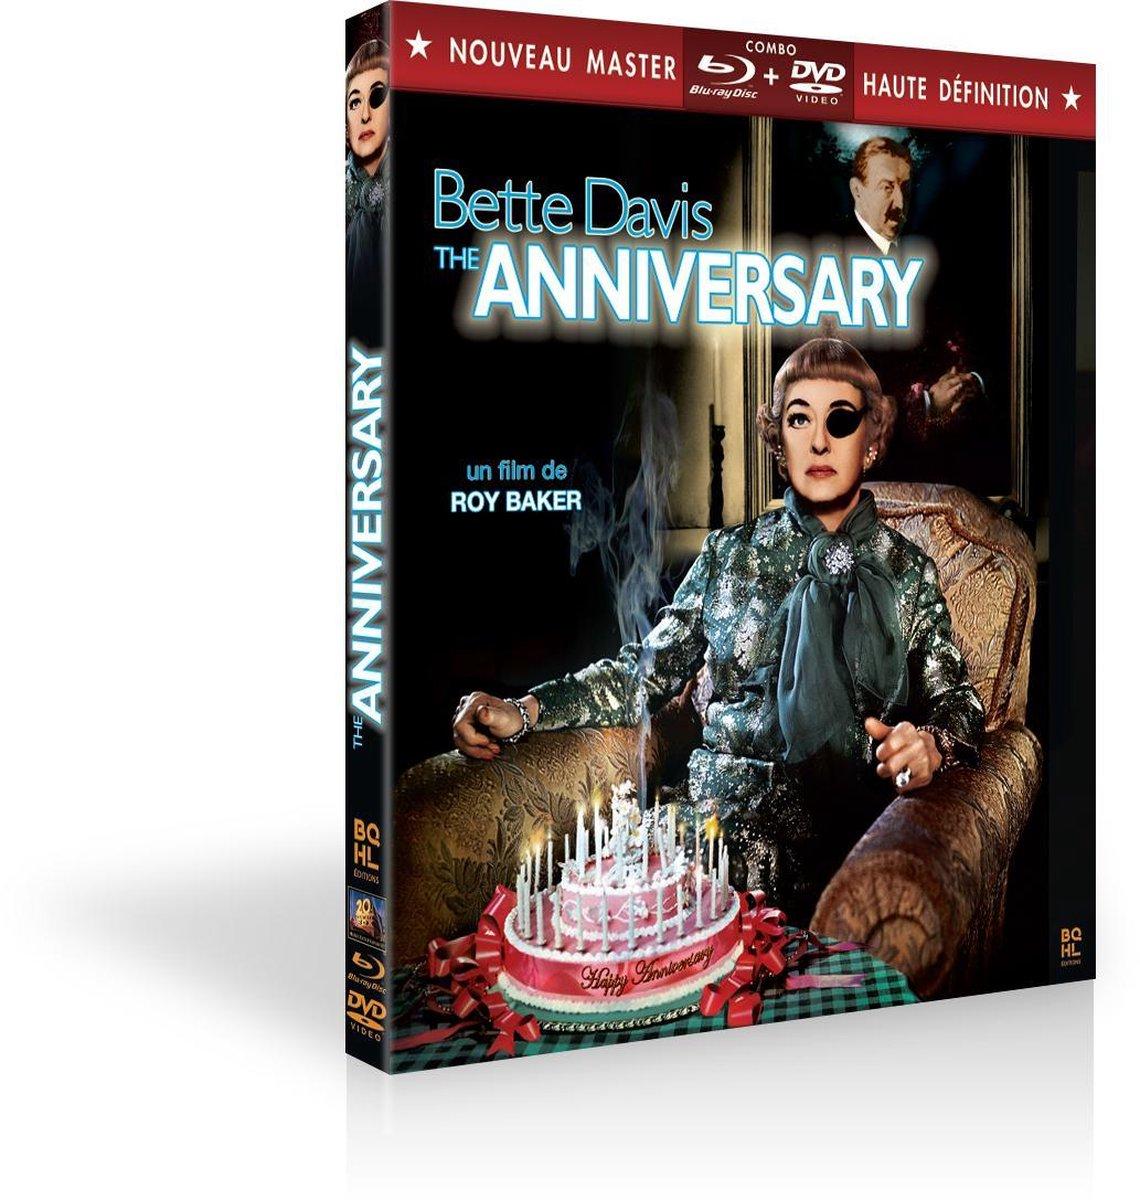 The Anniversary (1968) - Combo DVD + Blu-Ray-